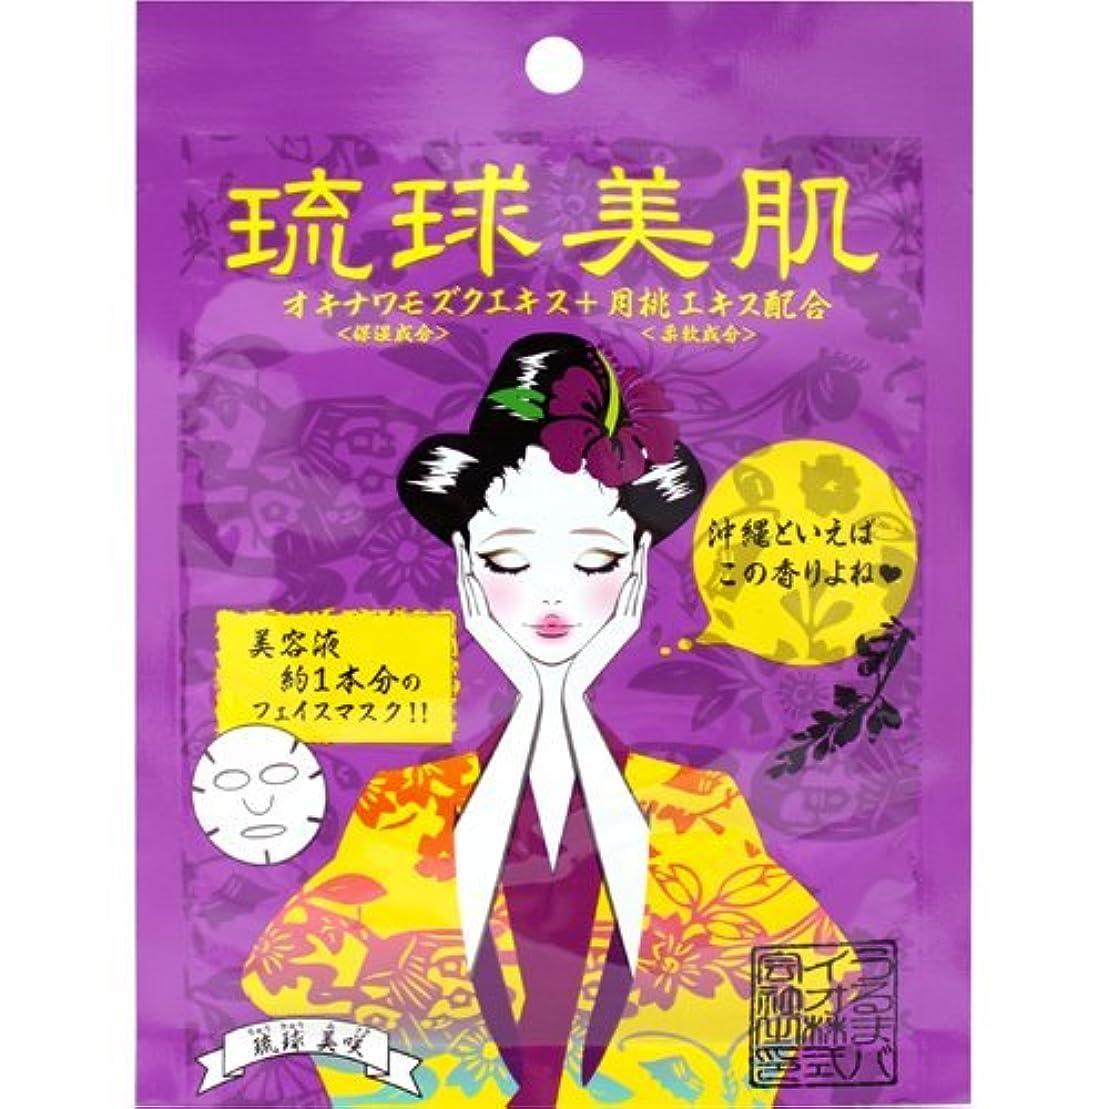 ポットモニカ夢琉球美肌 フェイスマスクシート 月桃×10袋